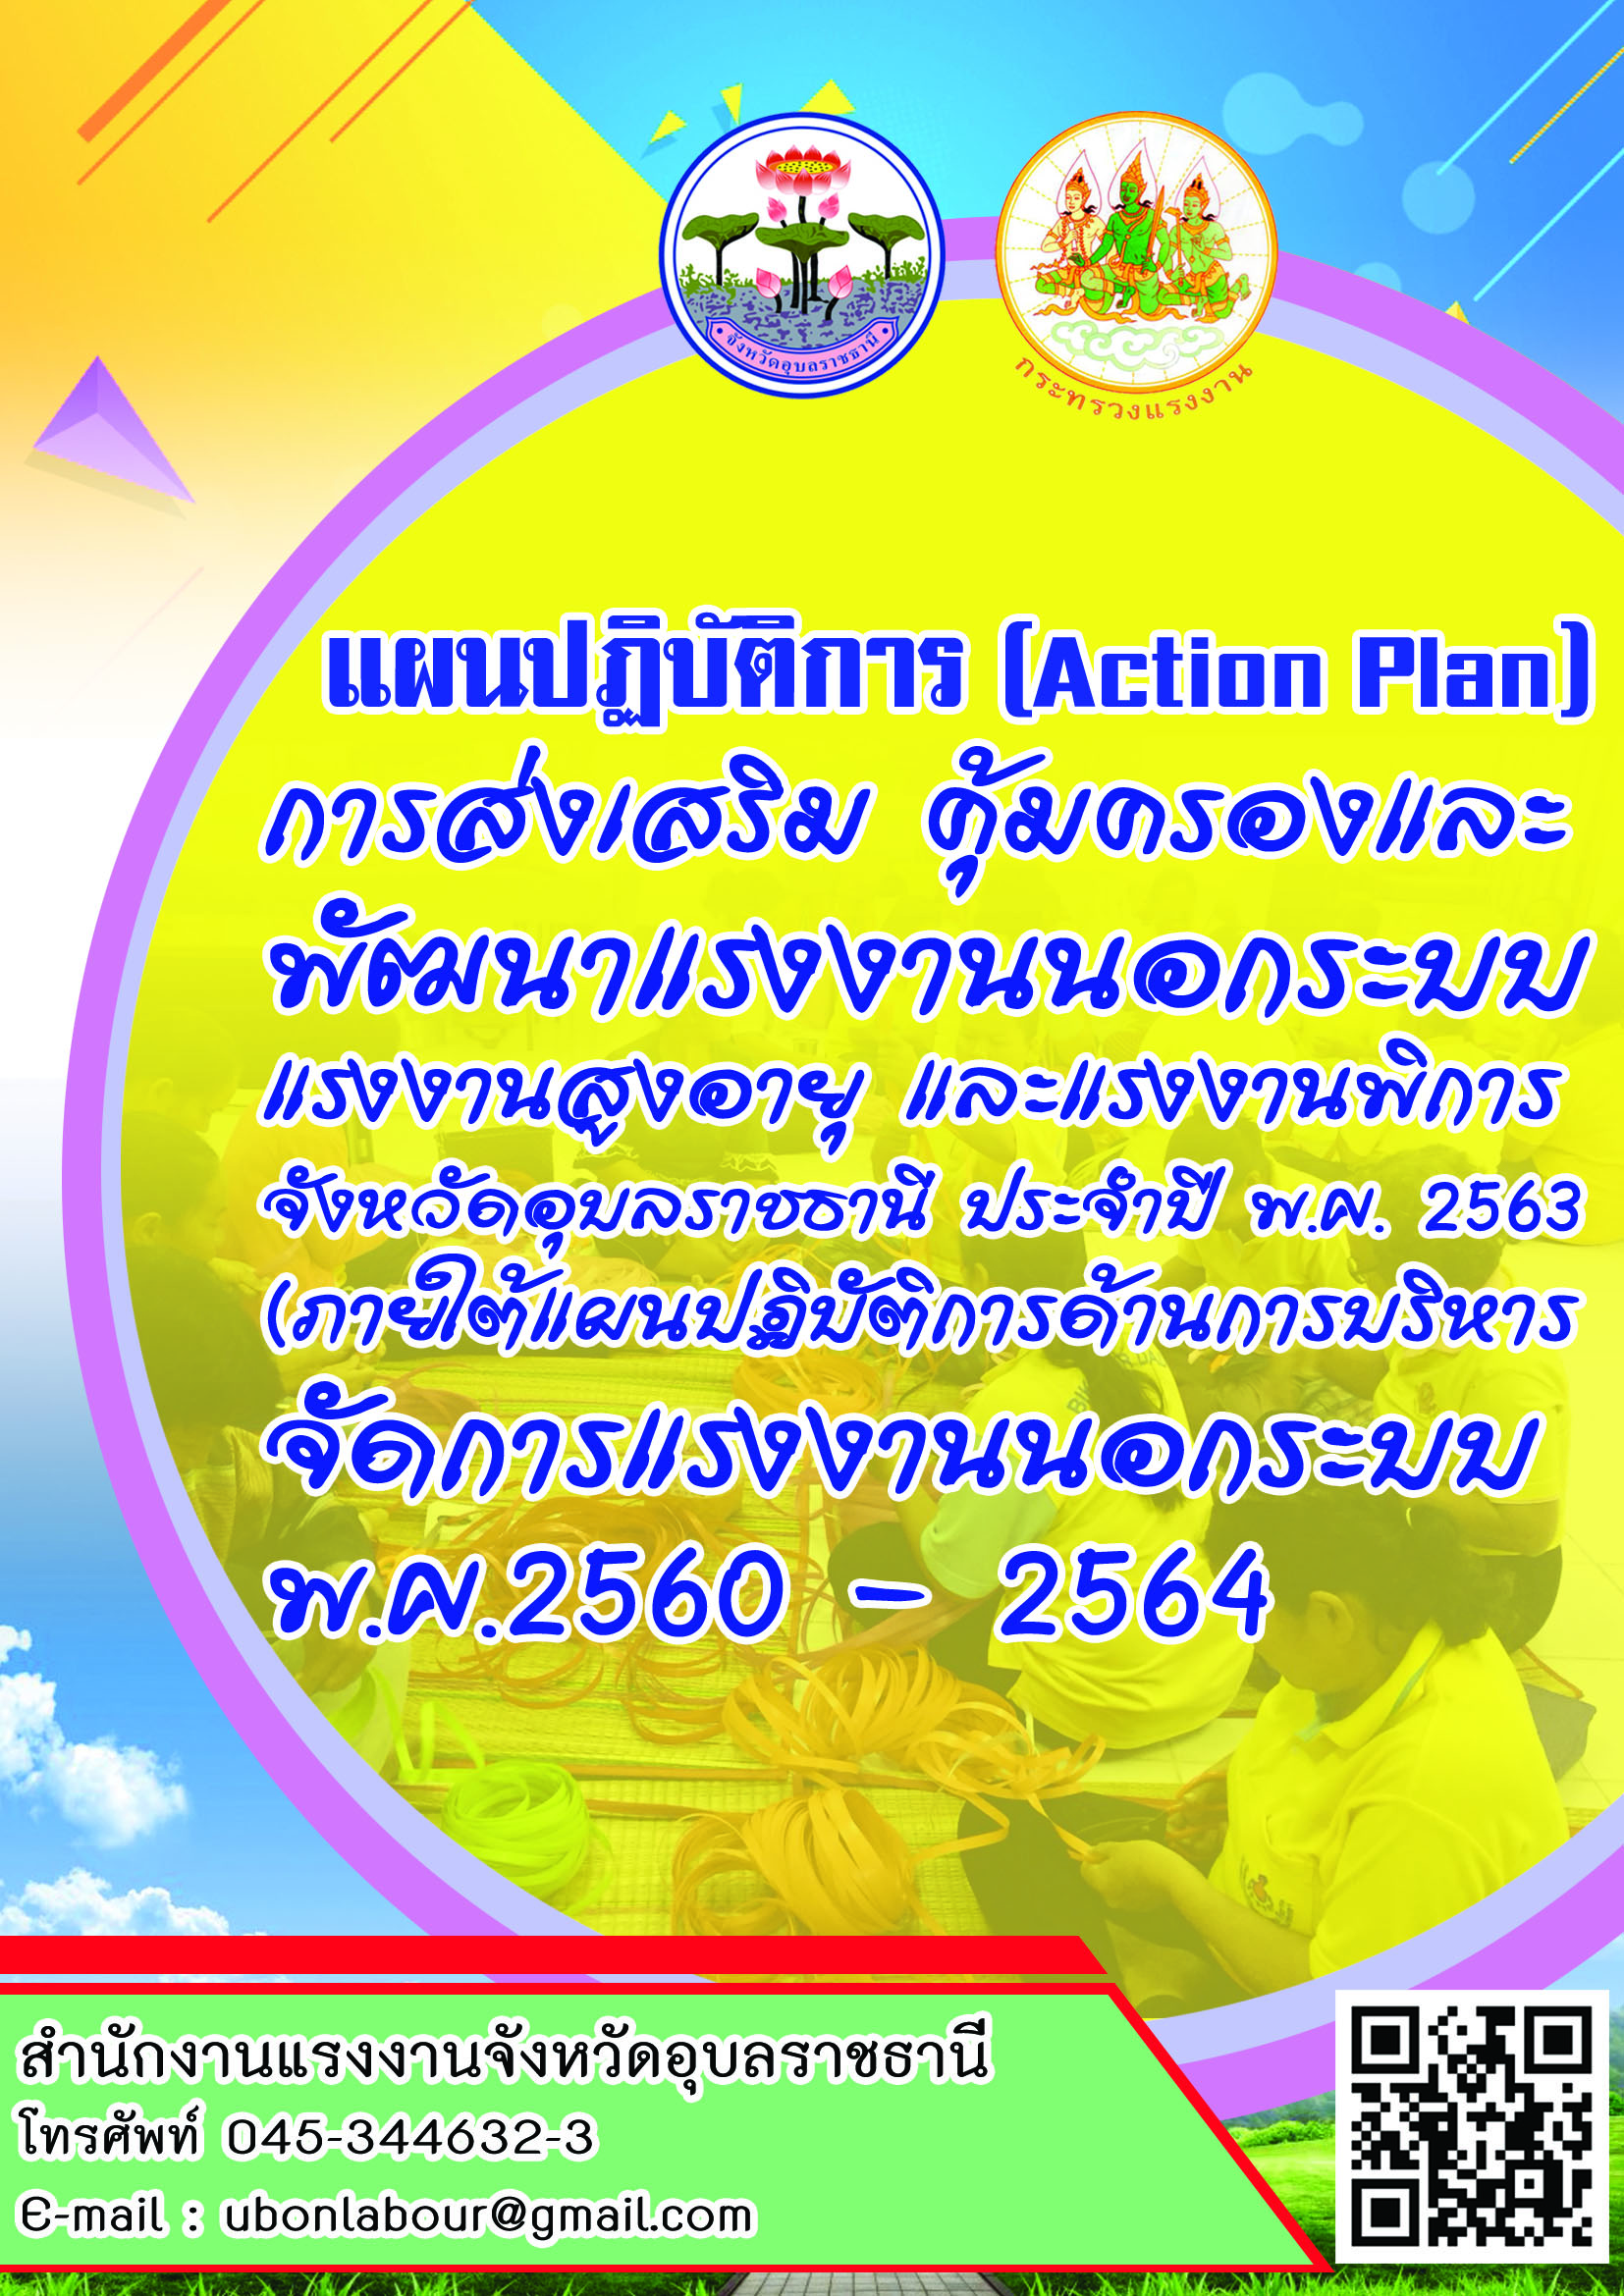 แผนปฏิบัติการ Action plan แรงงานนอกระบบ พ.ศ. 2560-2564